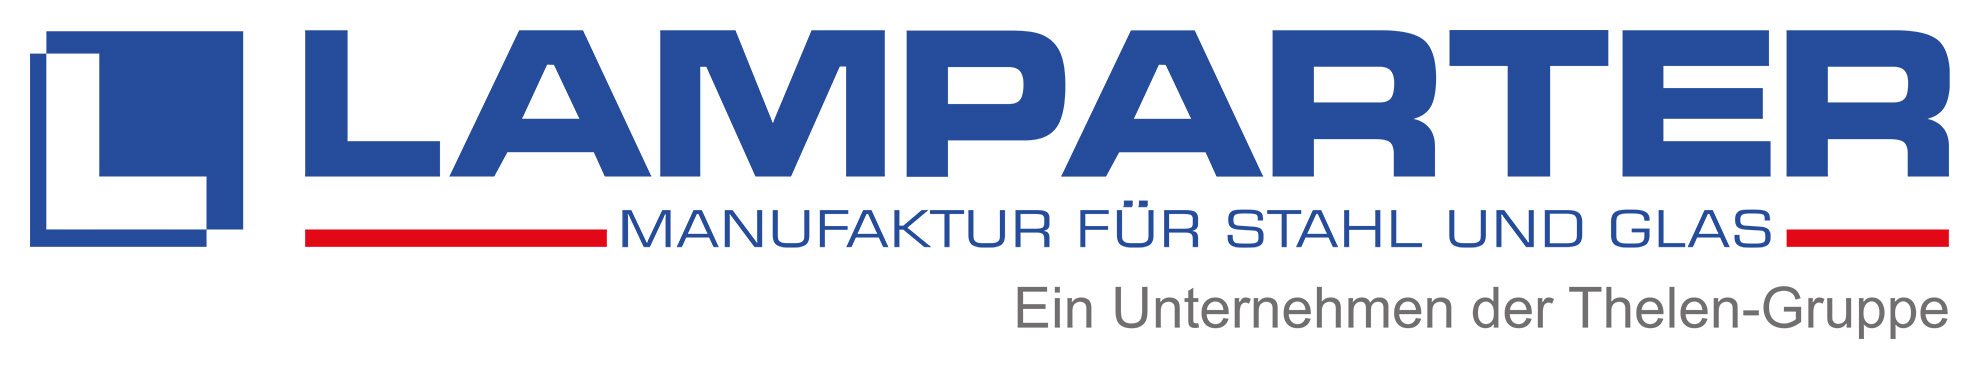 Logo Lamparter FullHD RGB mit Rahmen